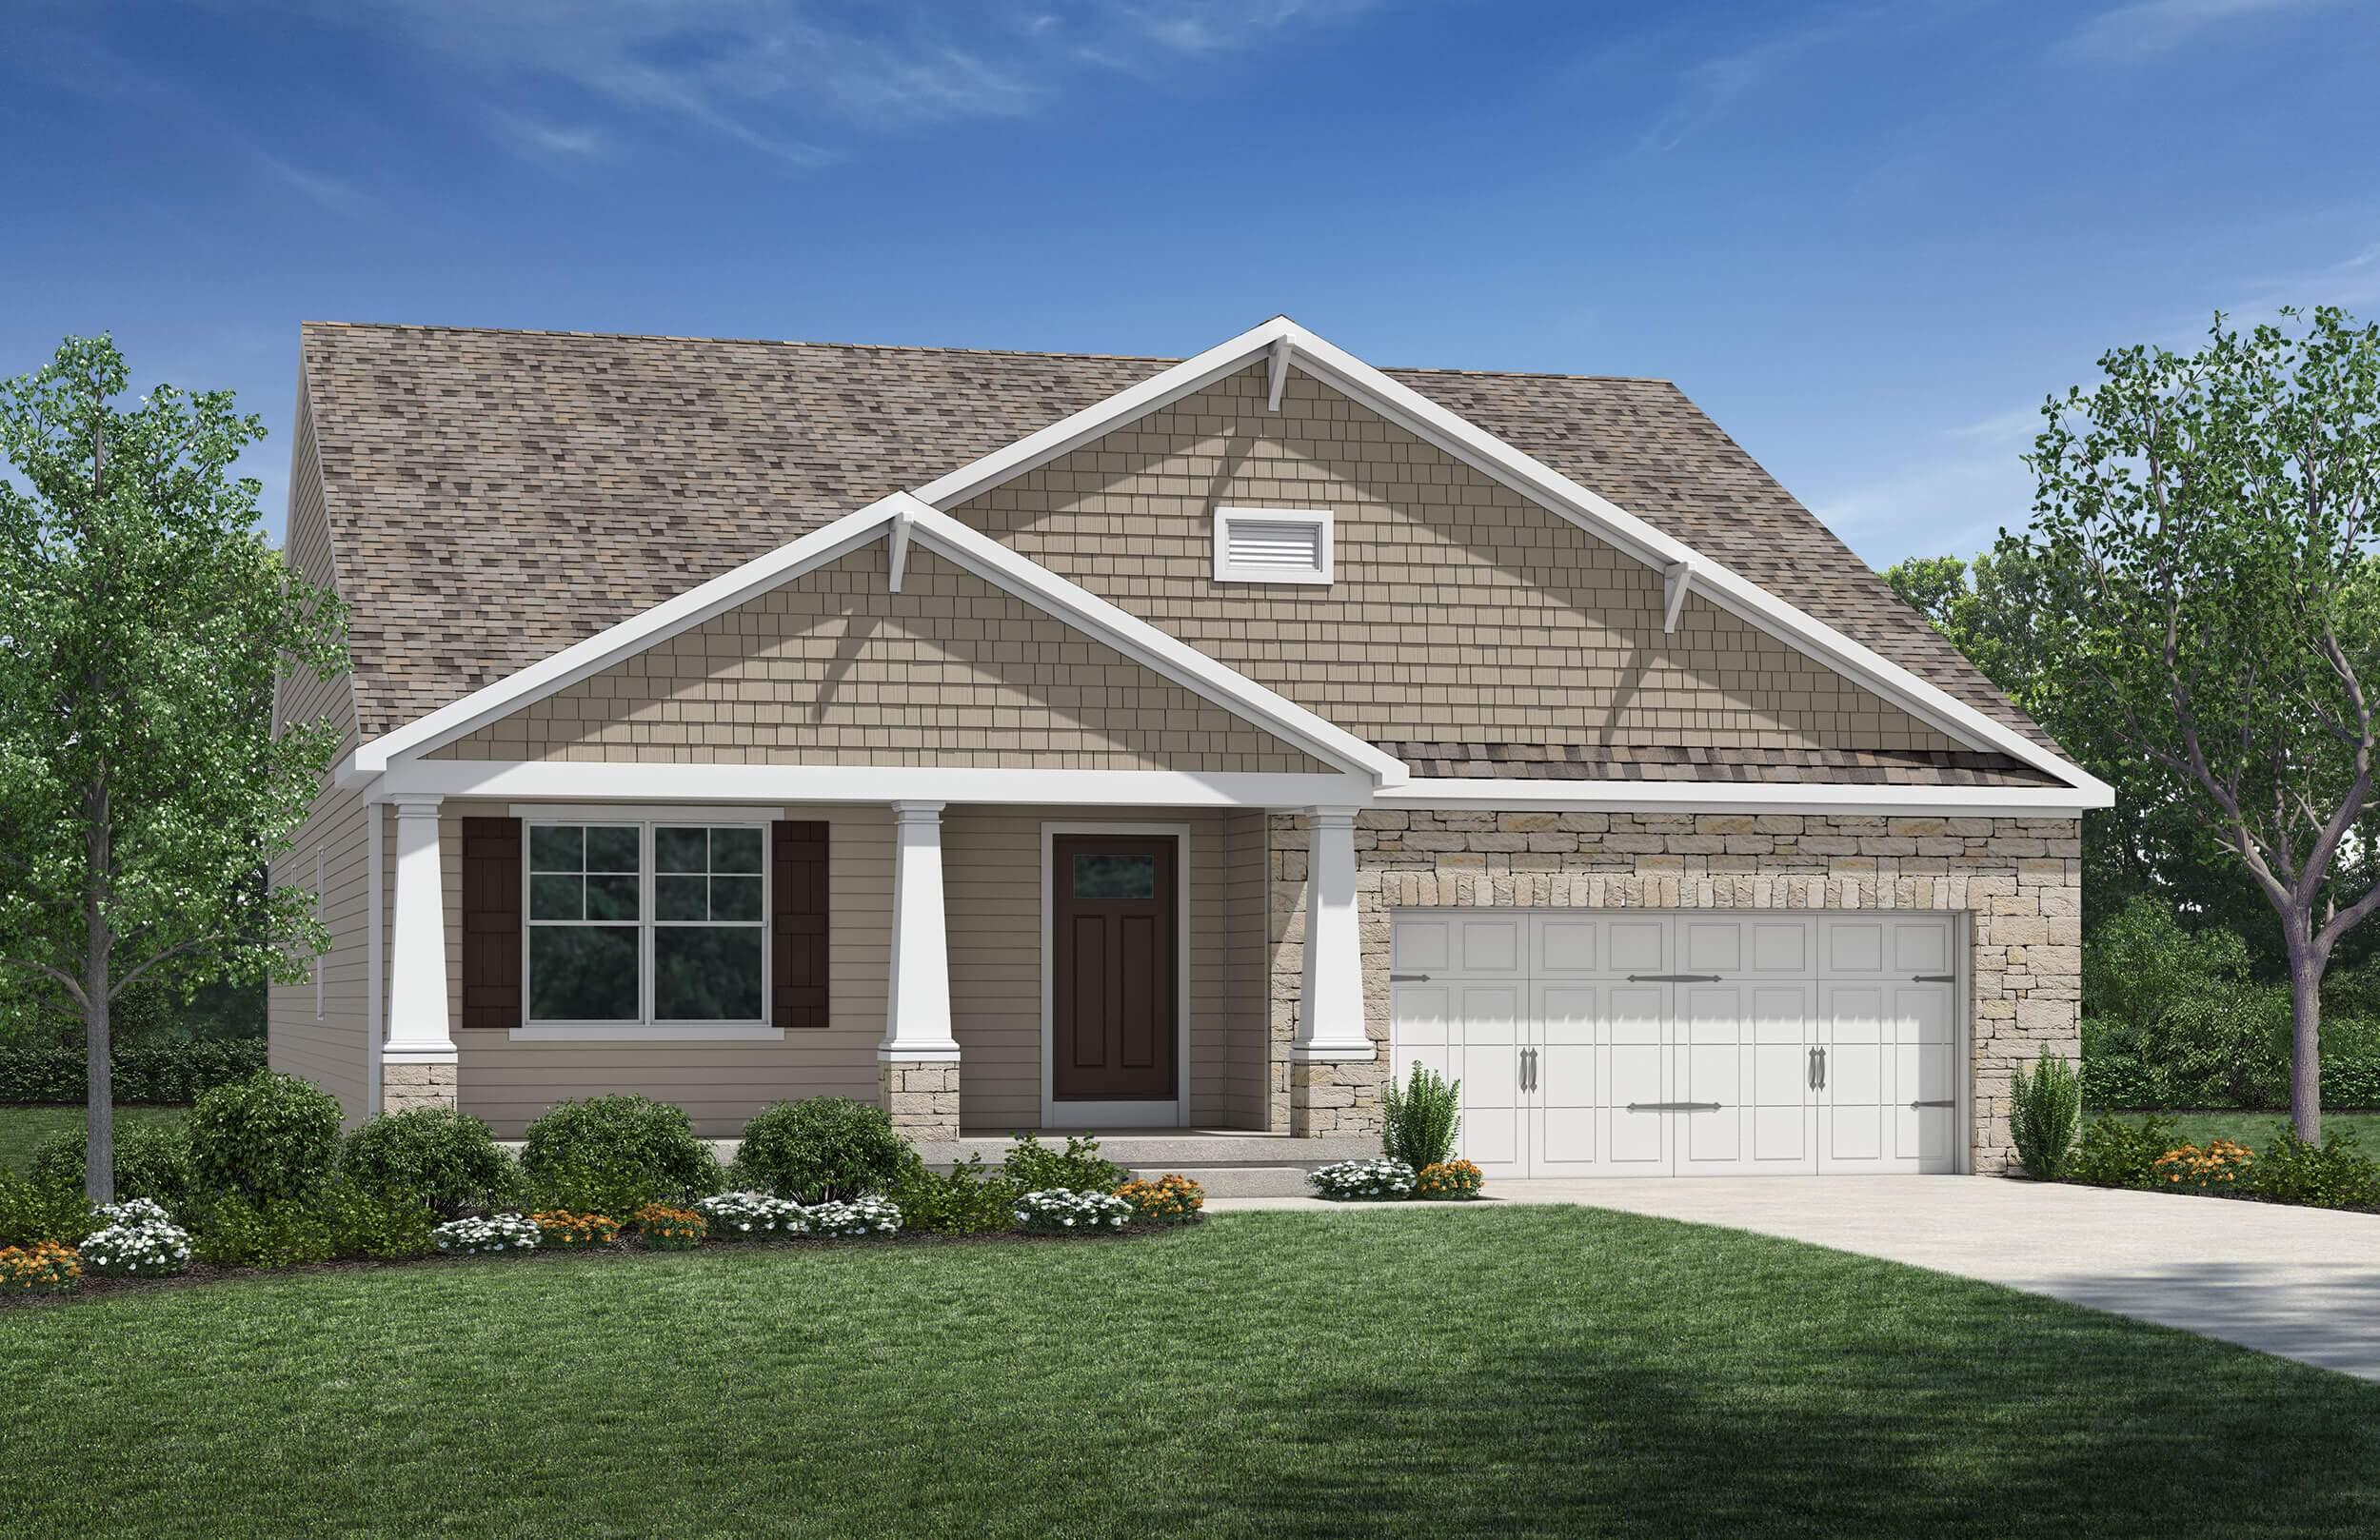 Hawthorne-Design-at-Weaver Ridge-in-Marysville